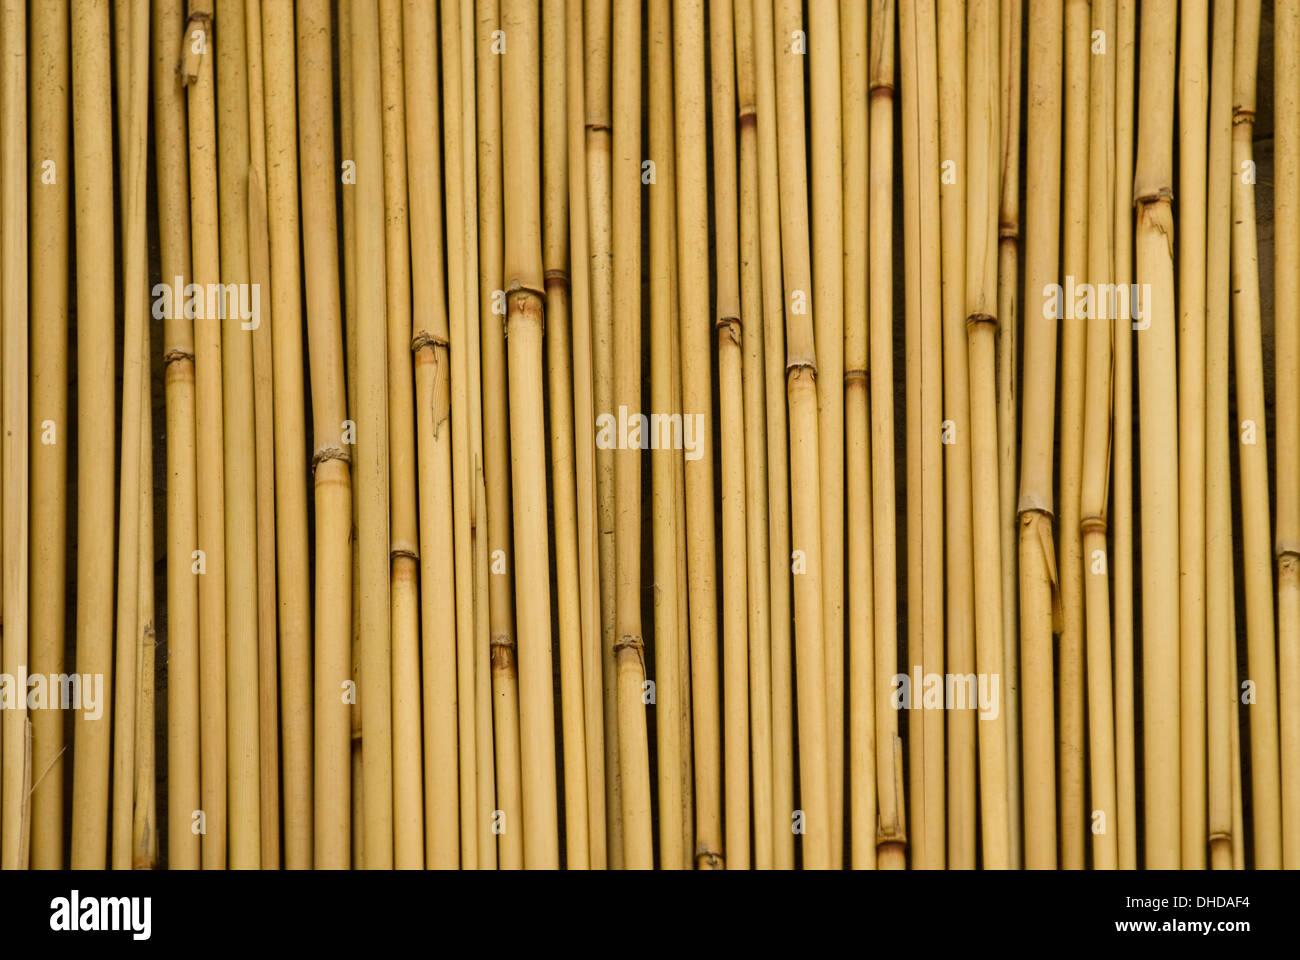 Bamboo Sticks Stock Photos & Bamboo Sticks Stock Images - Alamy